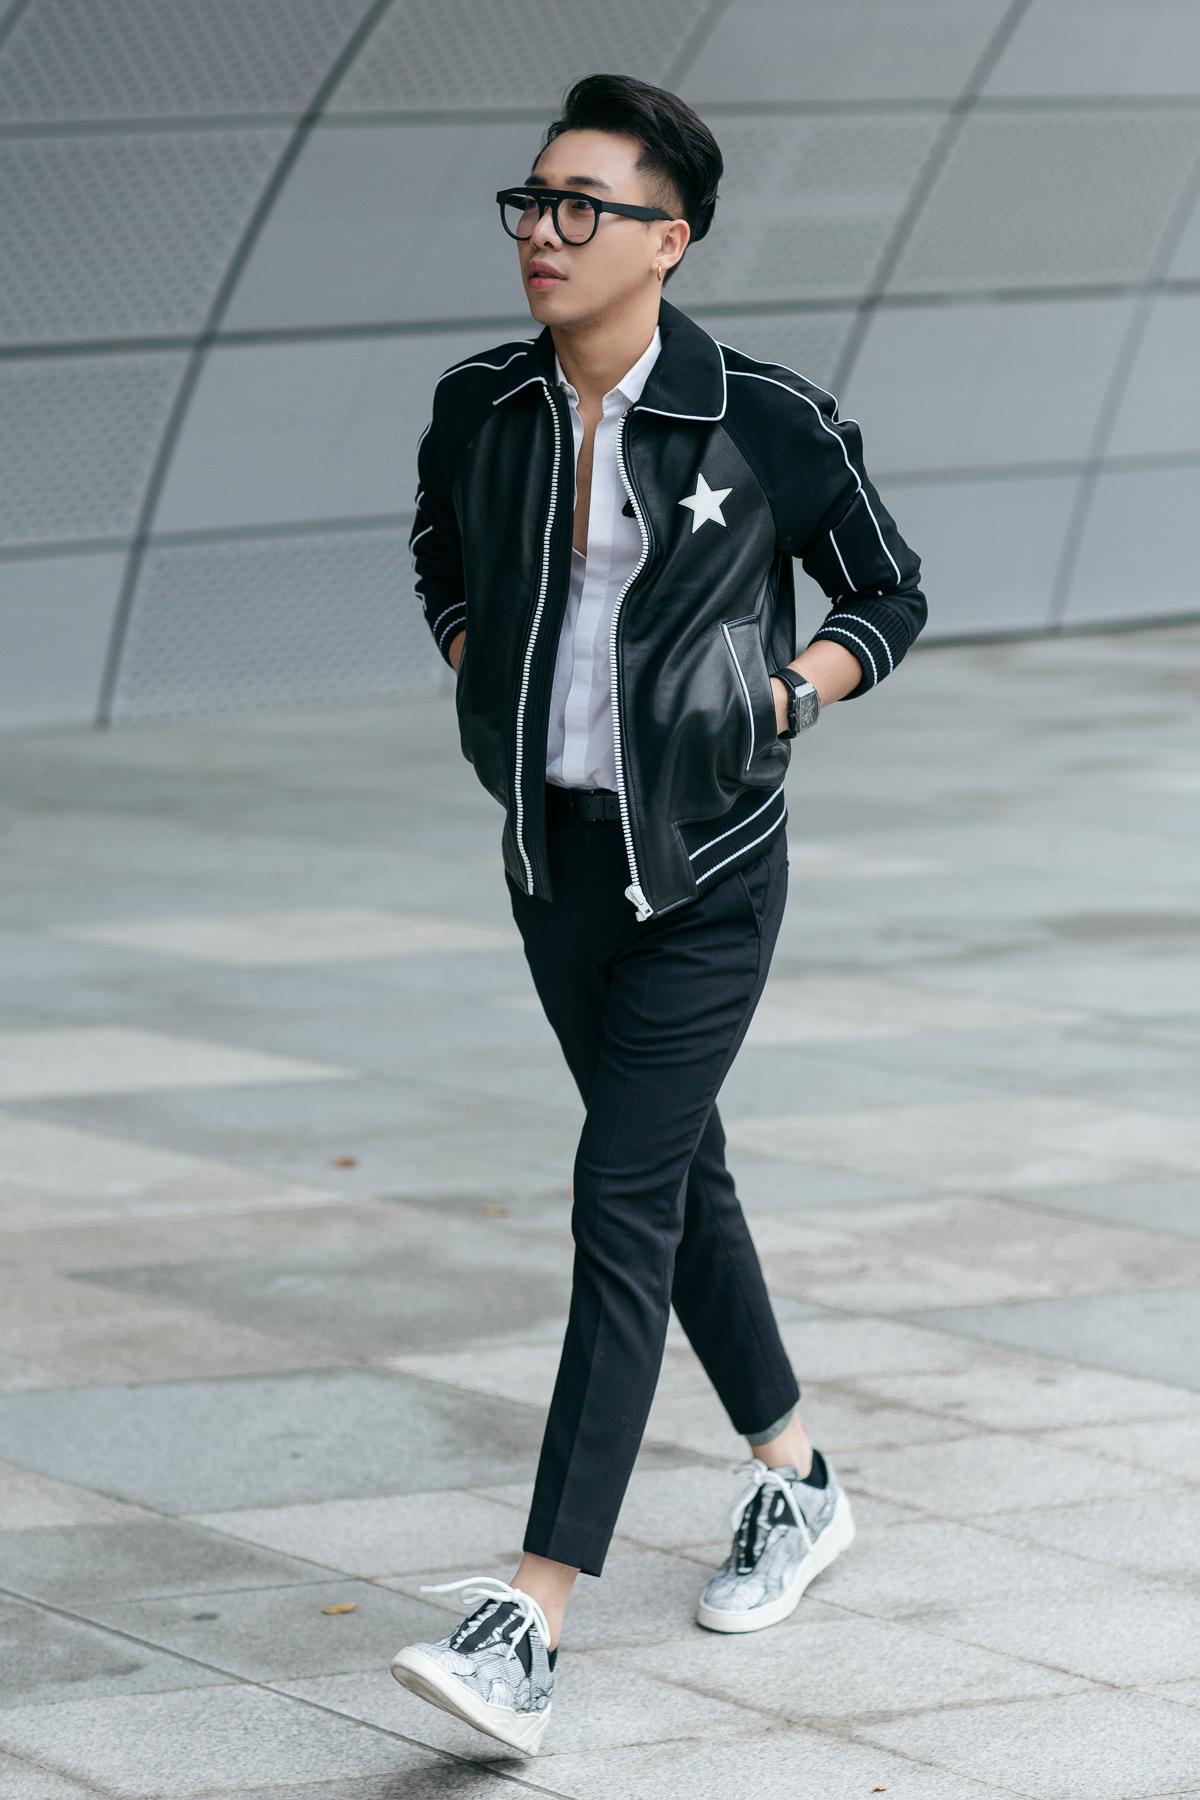 Cac street style look tuyet dep tai Seoul Fashion Week Xuan He 2018 29 1